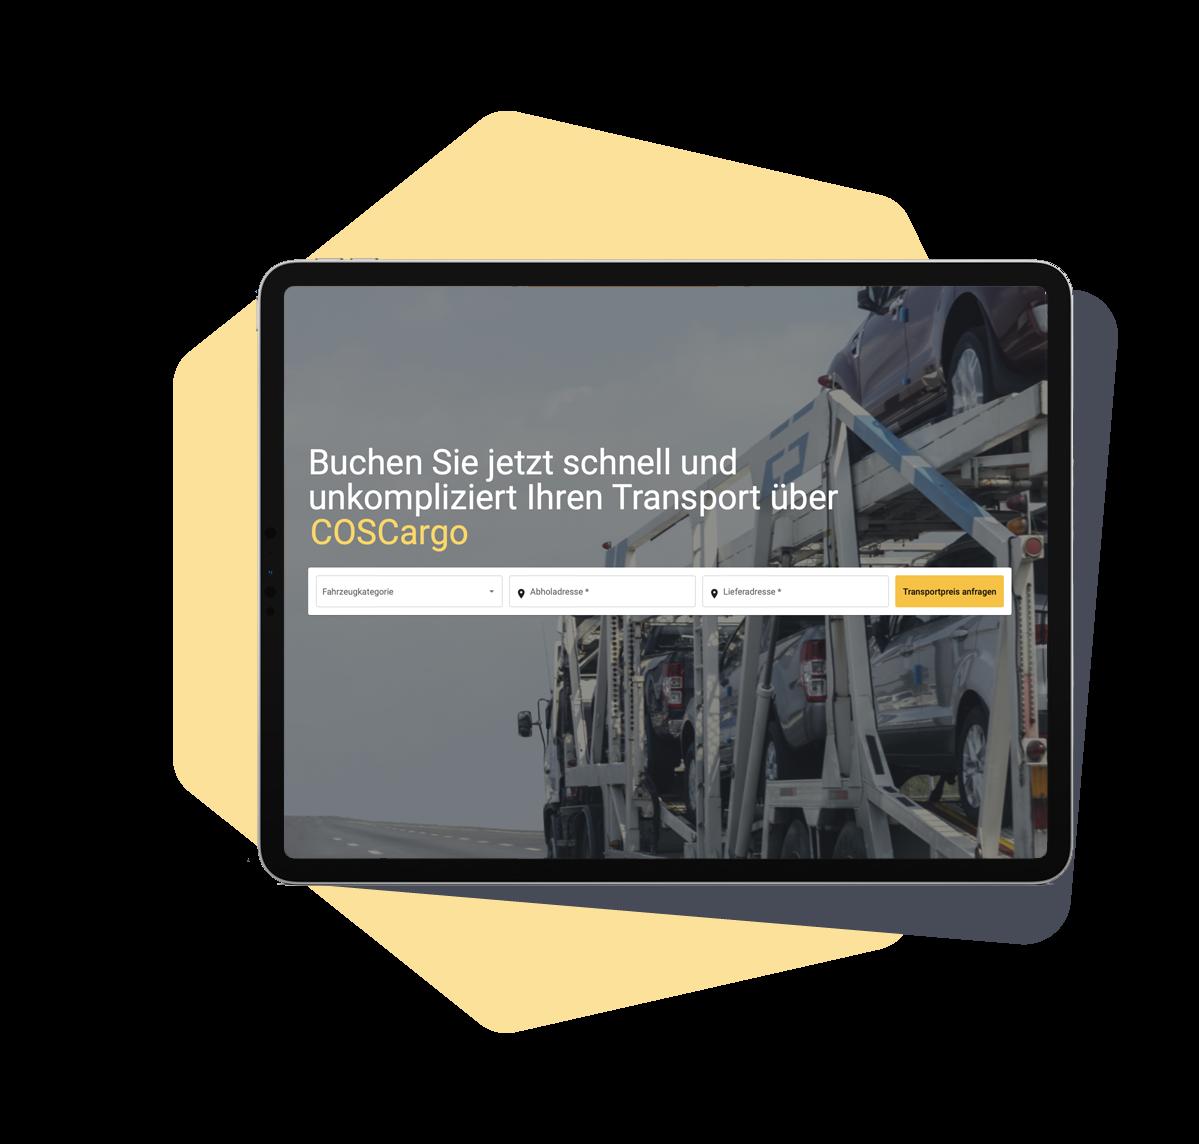 COSCargo als transportleverancier voor dealervoertuigen